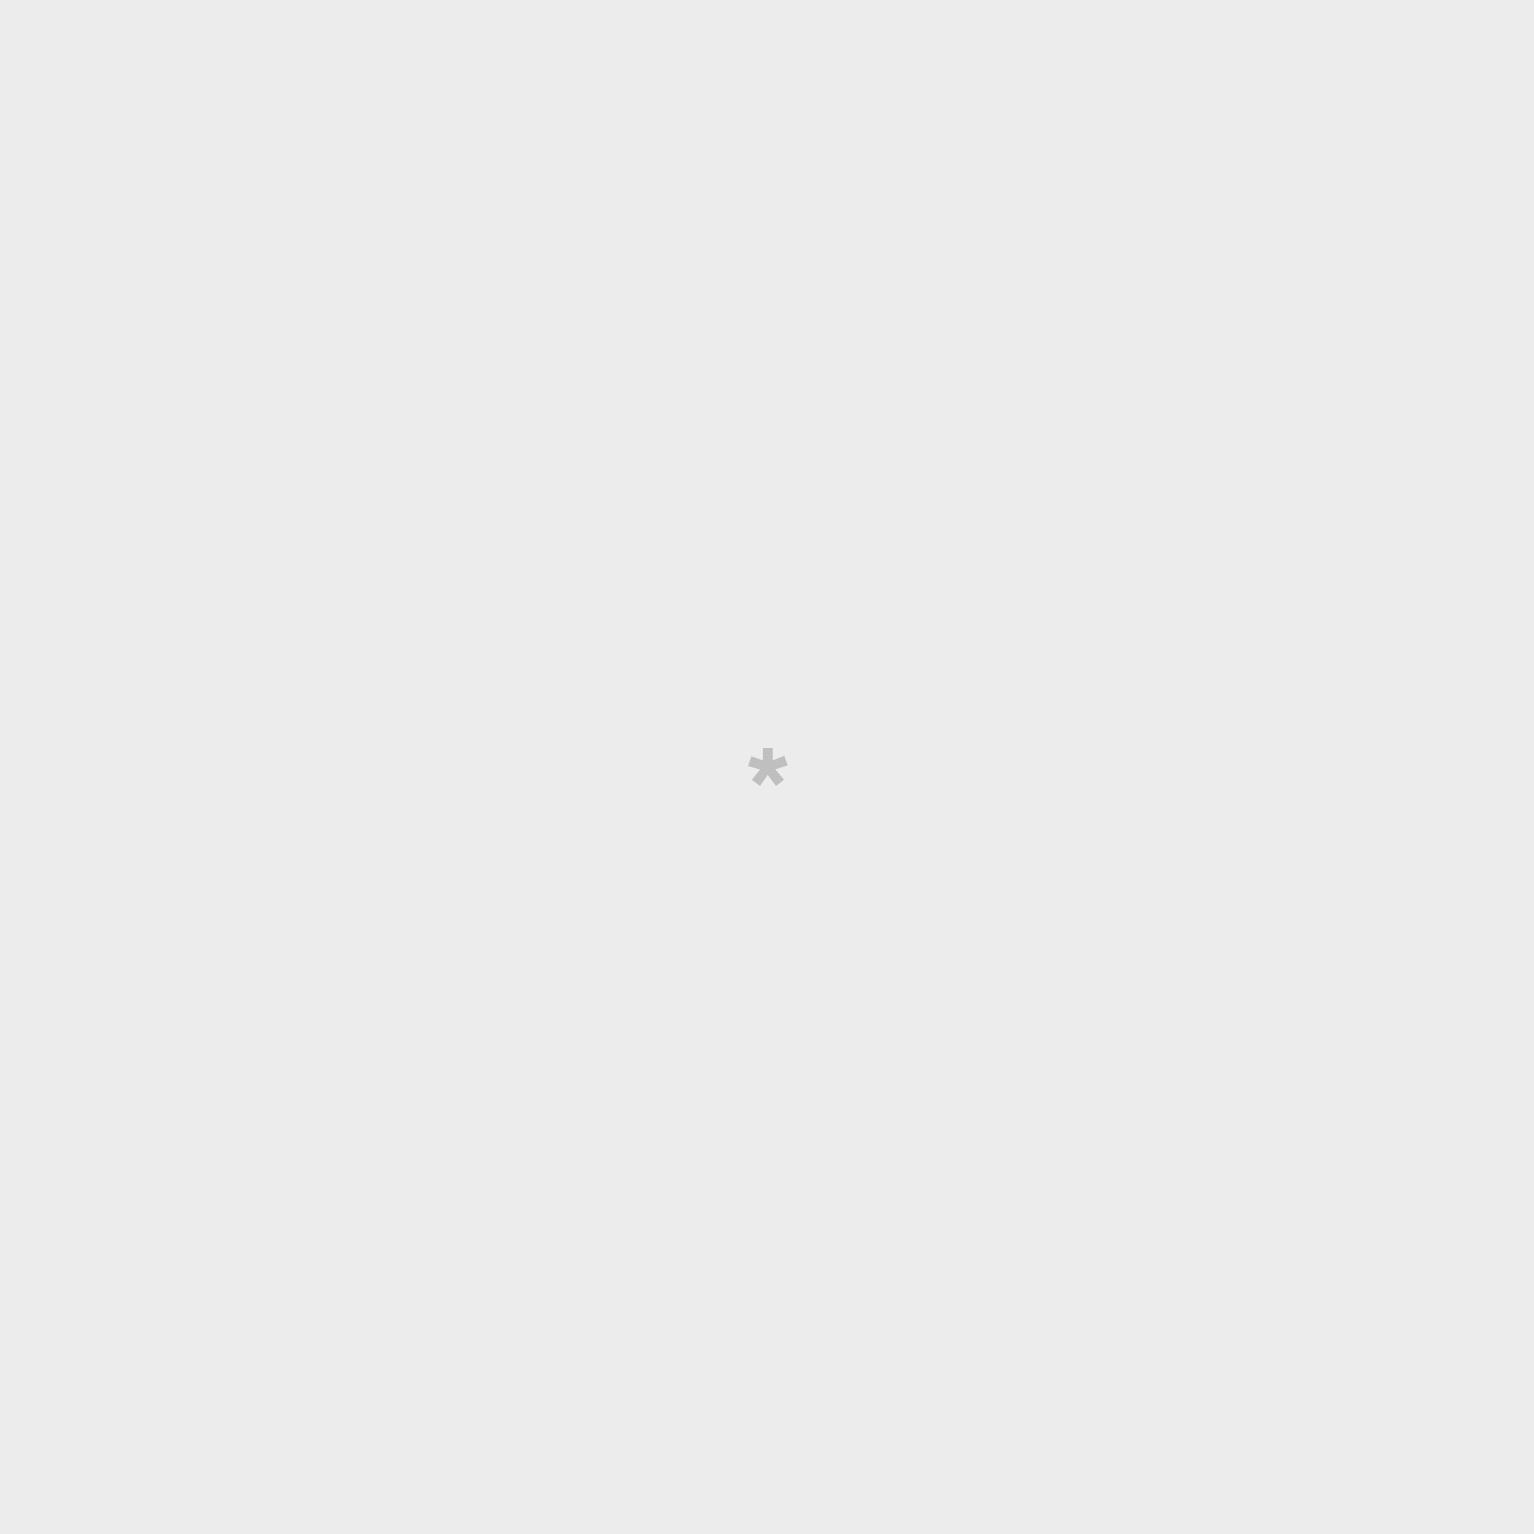 Agenda azul com argolas 19 - Antes de abrir